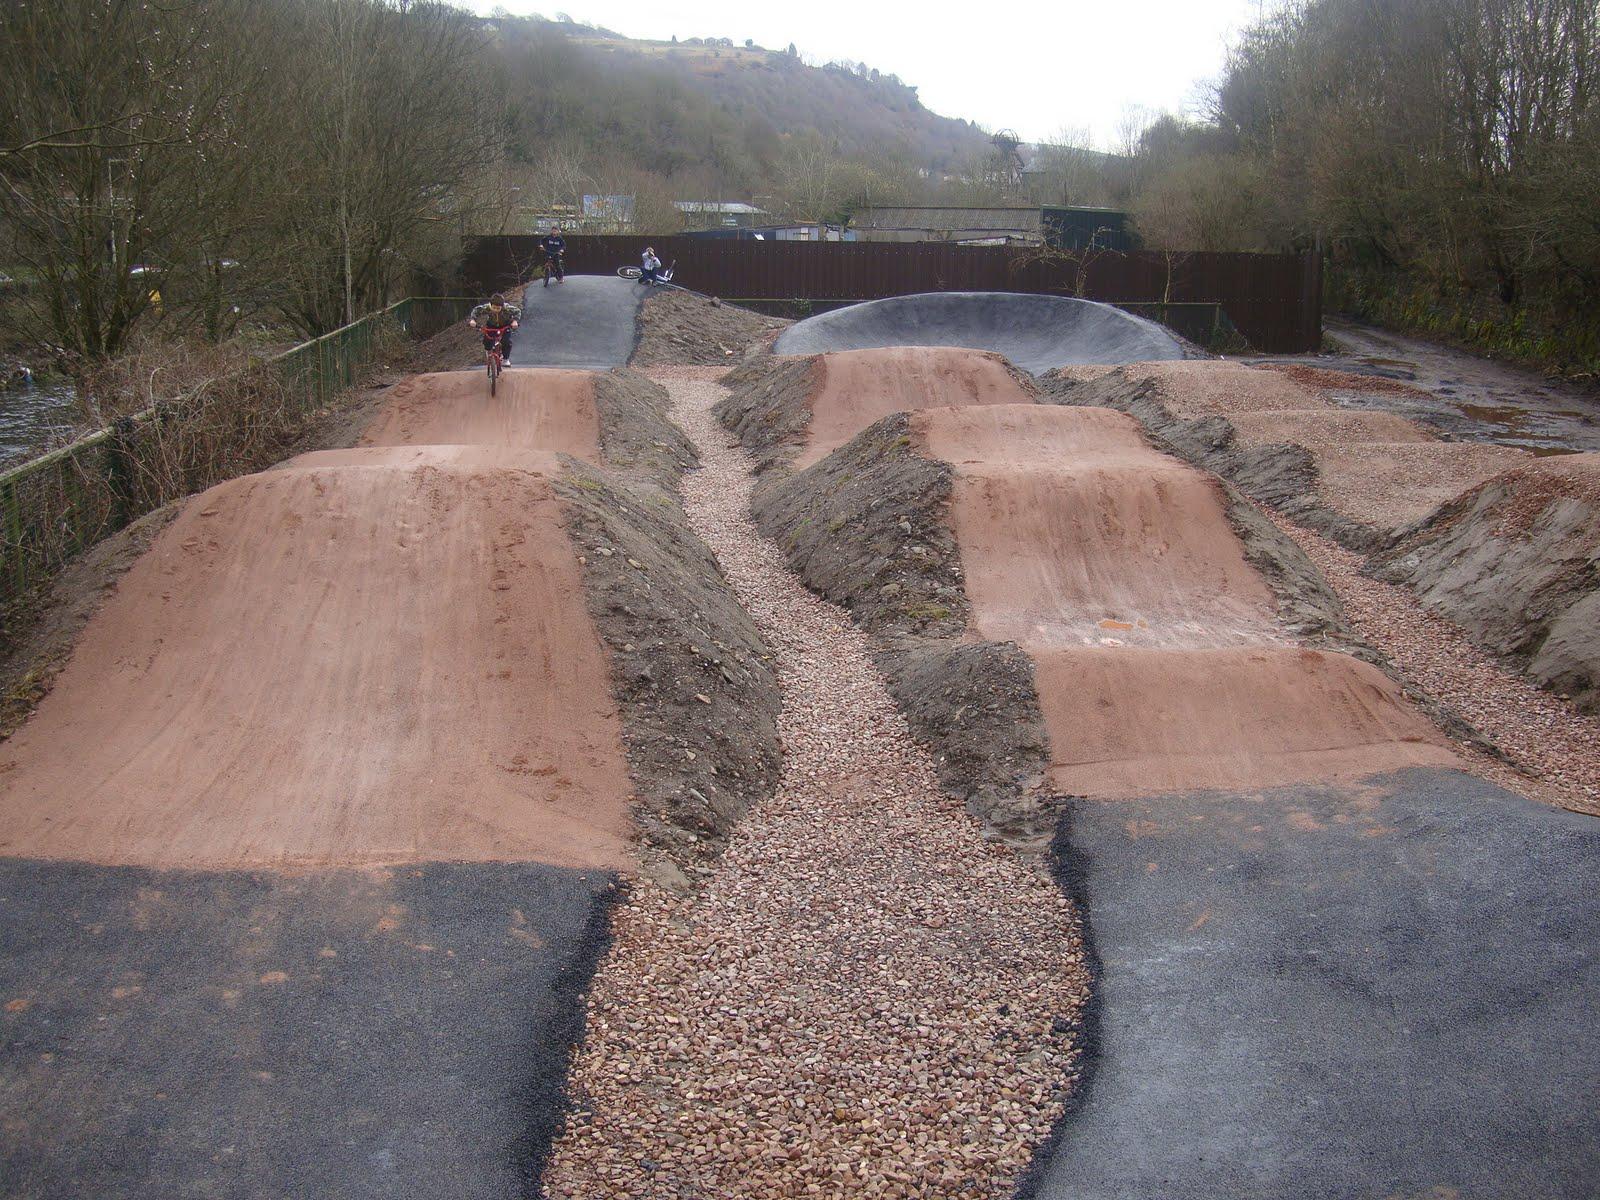 Pump track build - BMXmuseum.com Forums